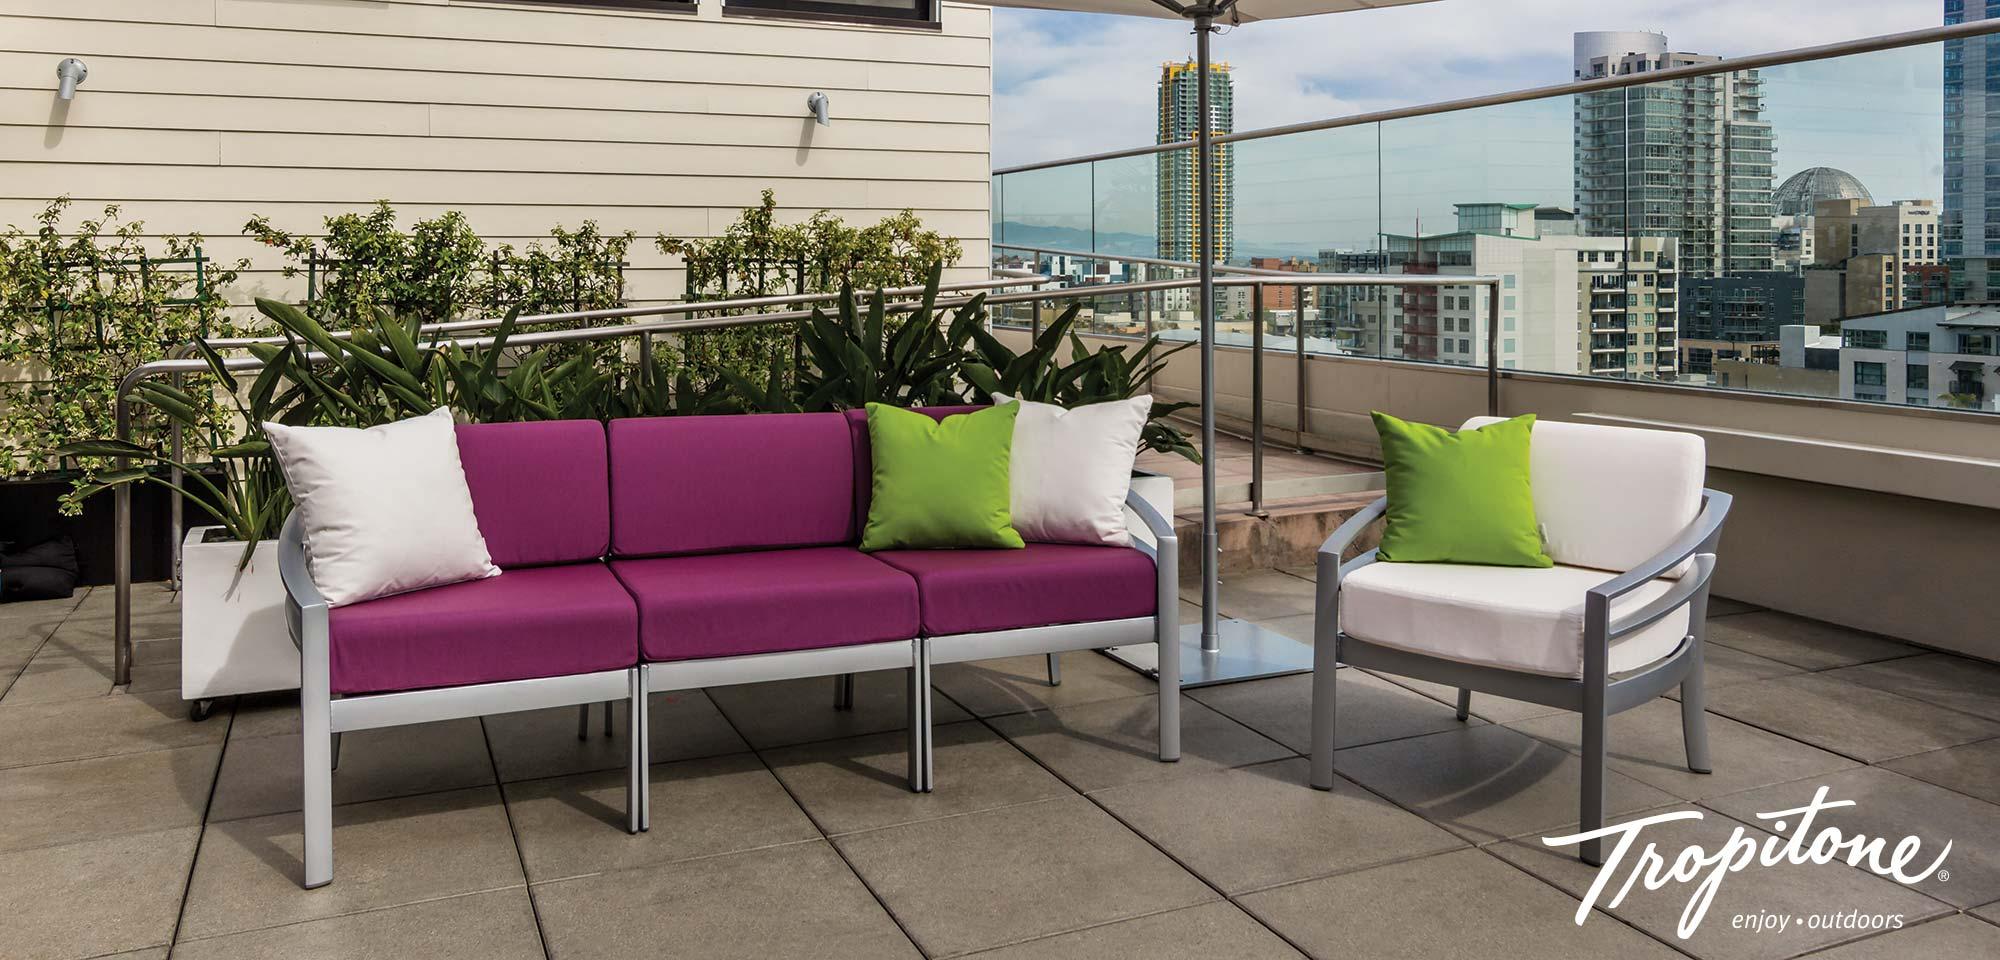 Unique Universal Outdoor Furniture